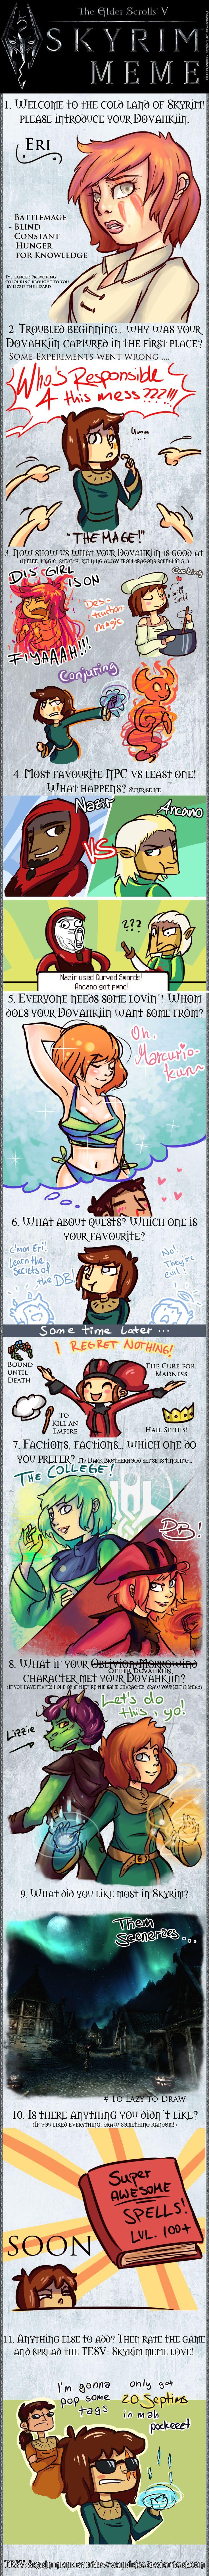 Skyrim Meme RELOADED by LizbethLizard on DeviantArt